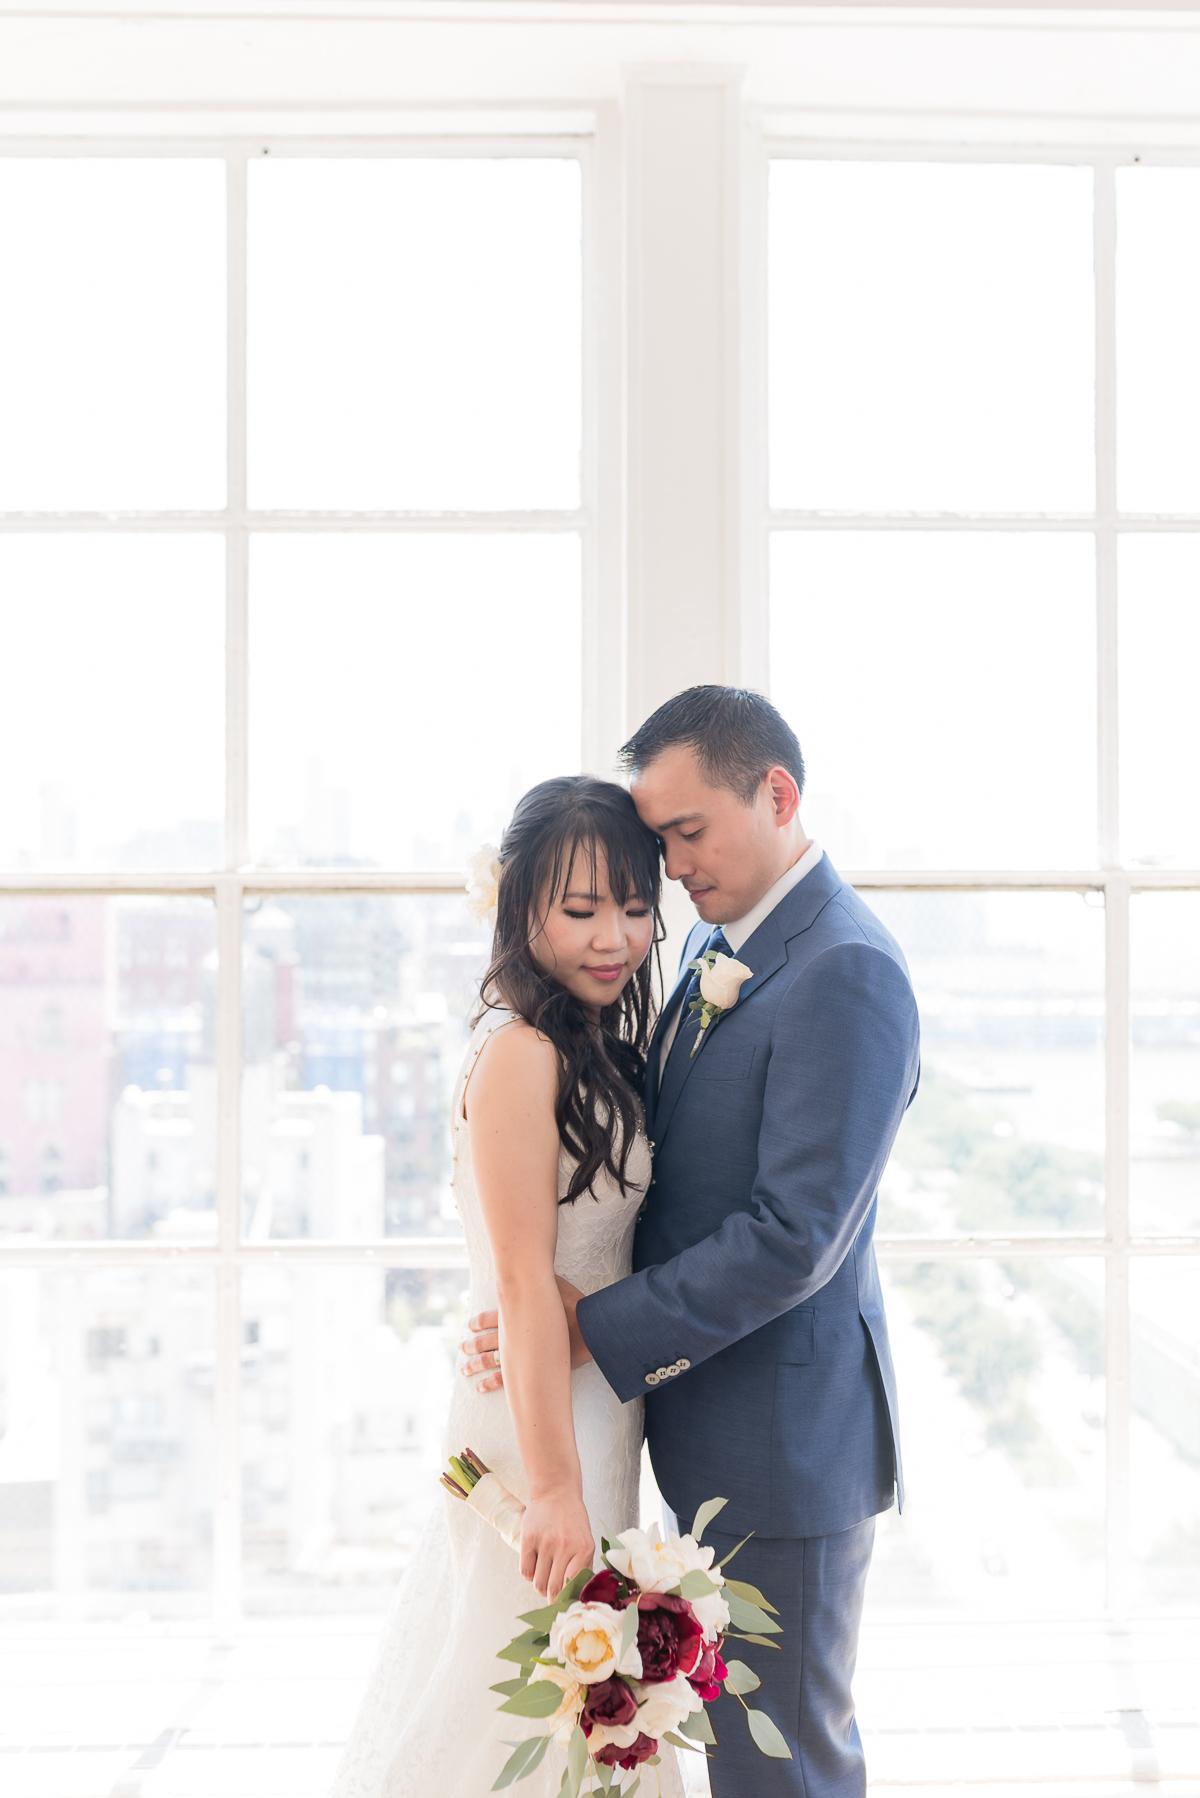 NYC-Ramscale-Wedding-Bride-Groom-Portrait-2.jpg